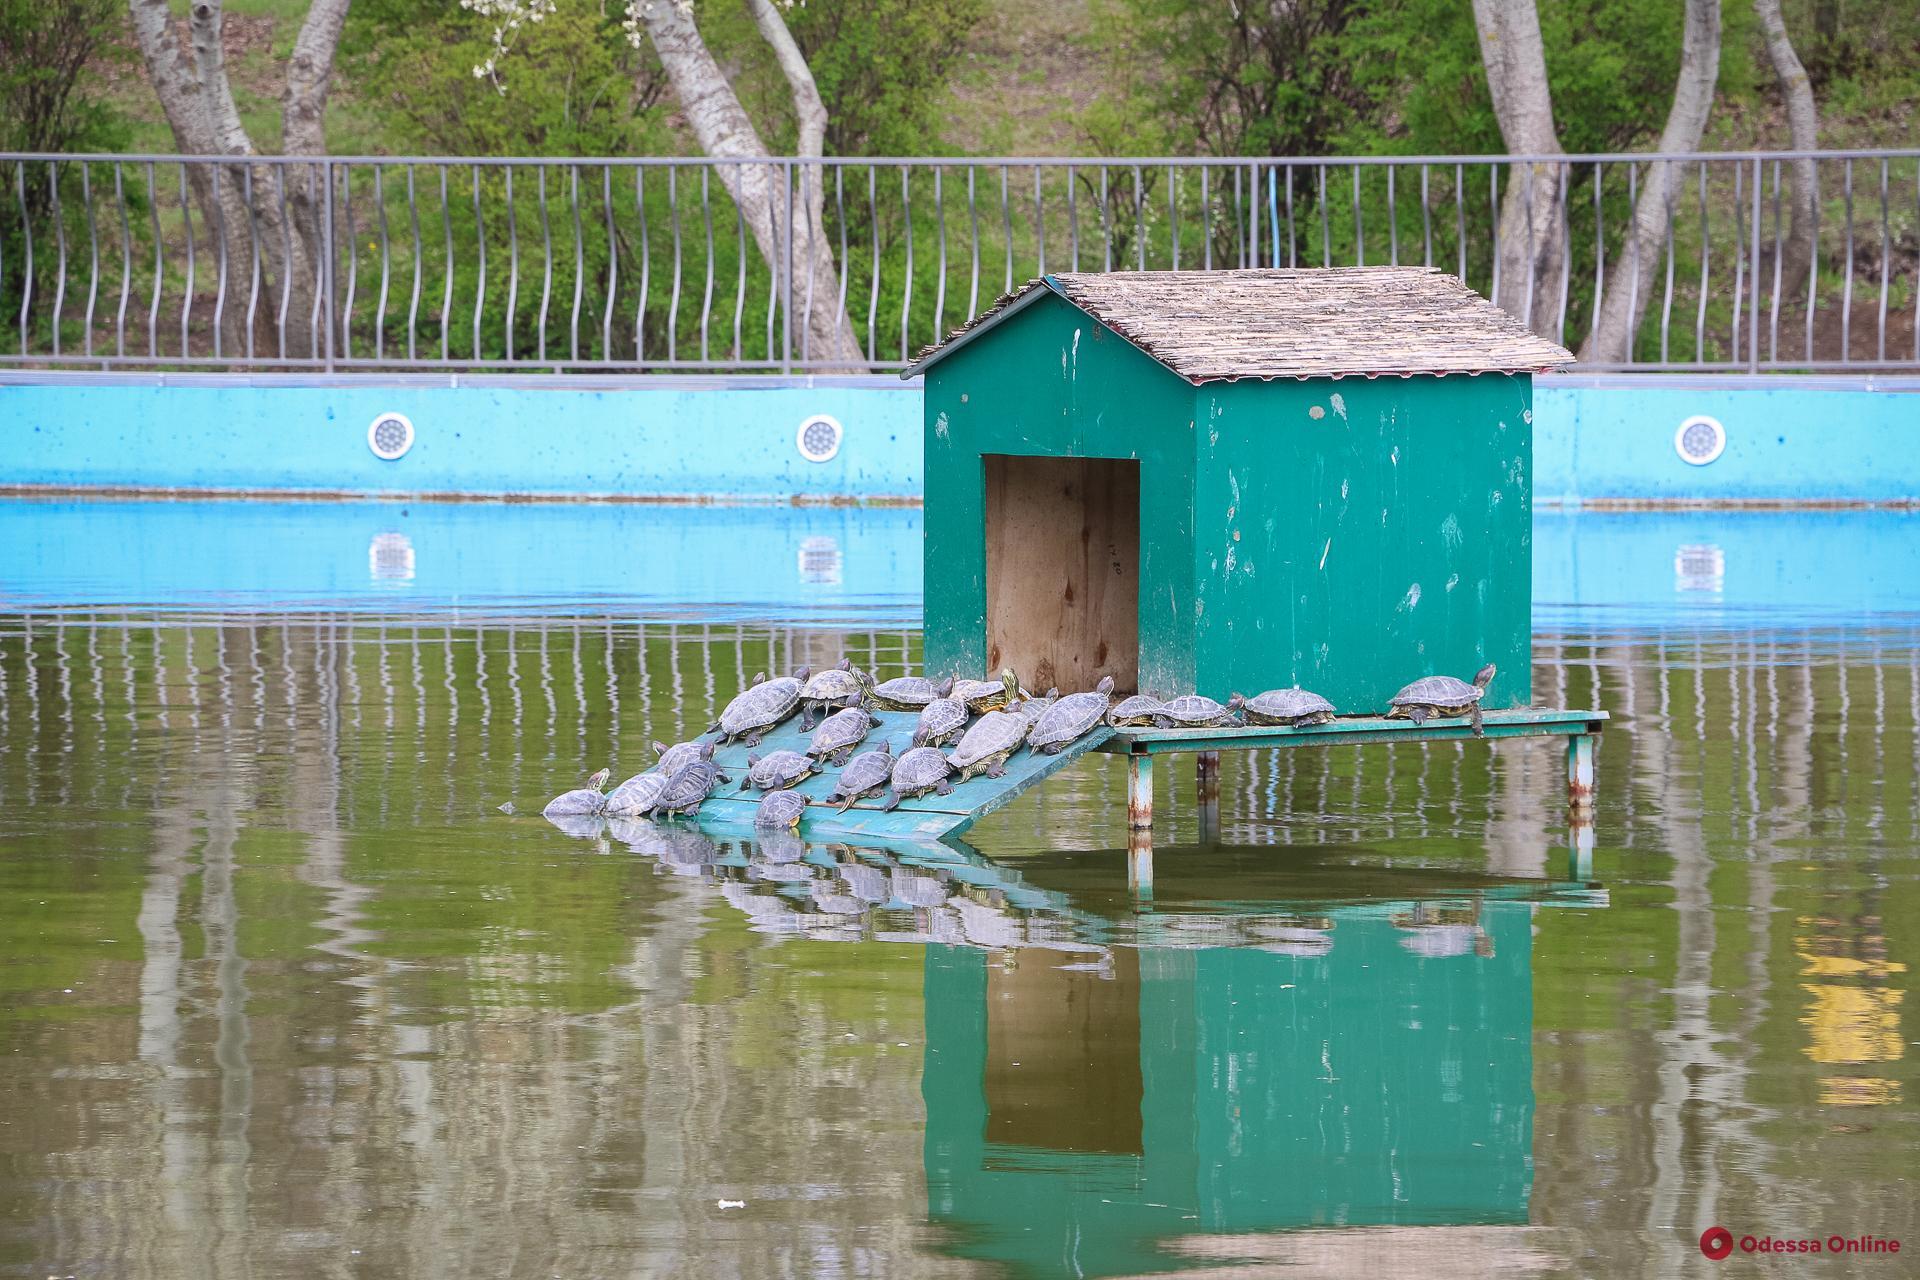 Черепахи, лебеди и утки: солнечный день в парке Победы (фоторепортаж)